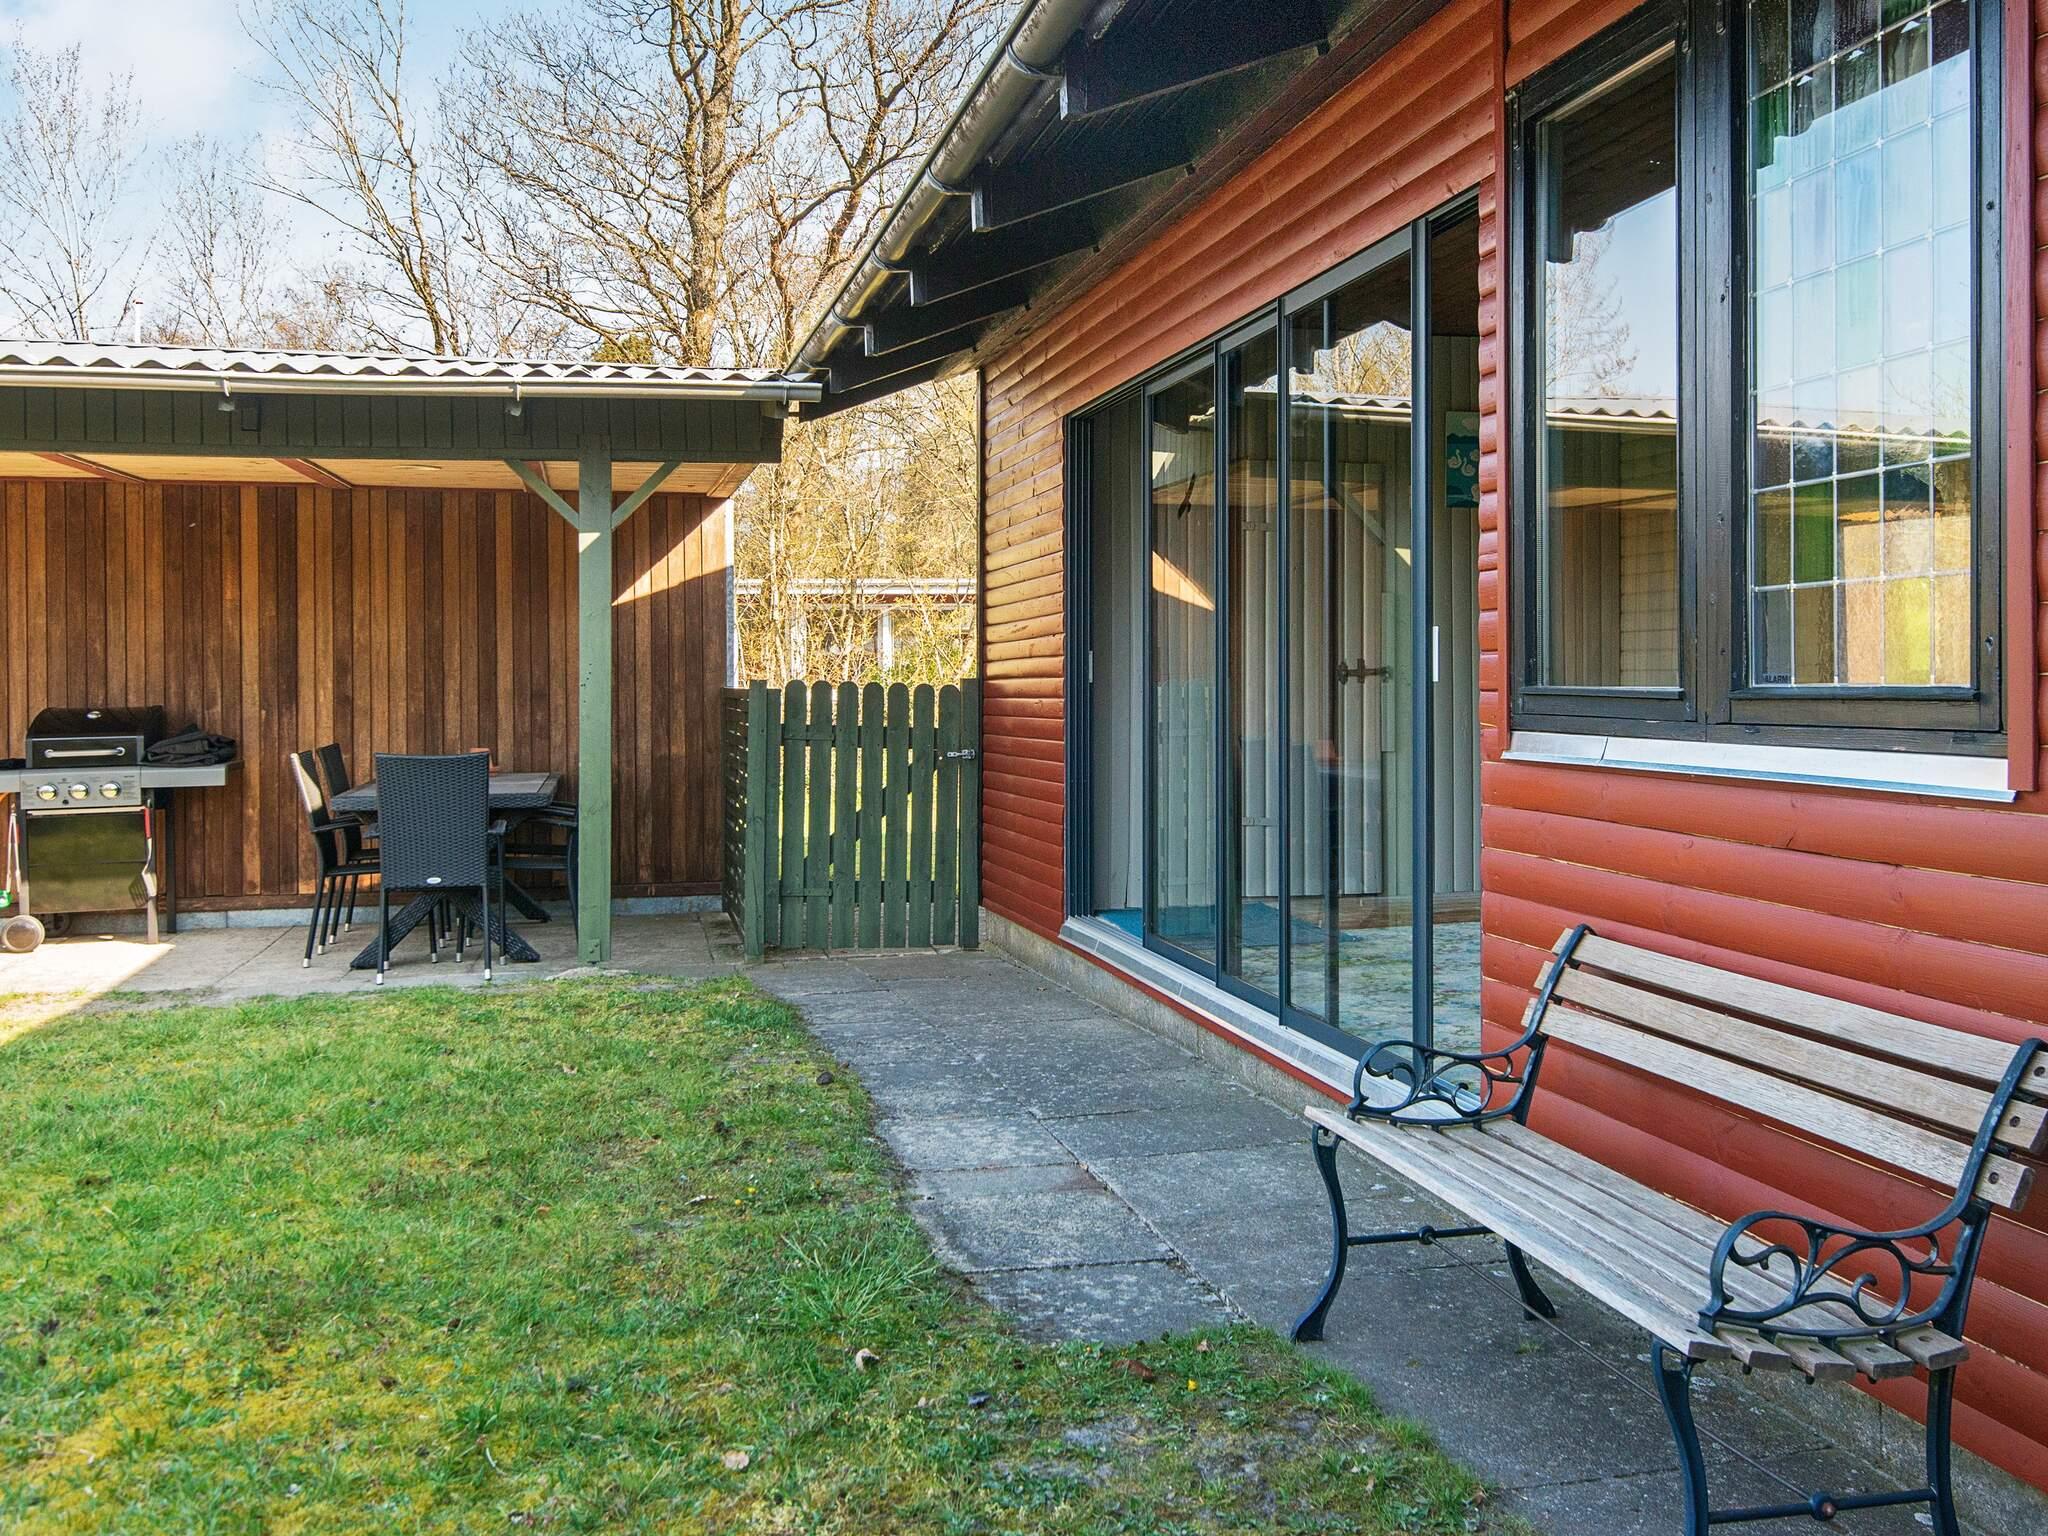 Ferienhaus Silkeborg (2354771), Silkeborg, , Ostjütland, Dänemark, Bild 17